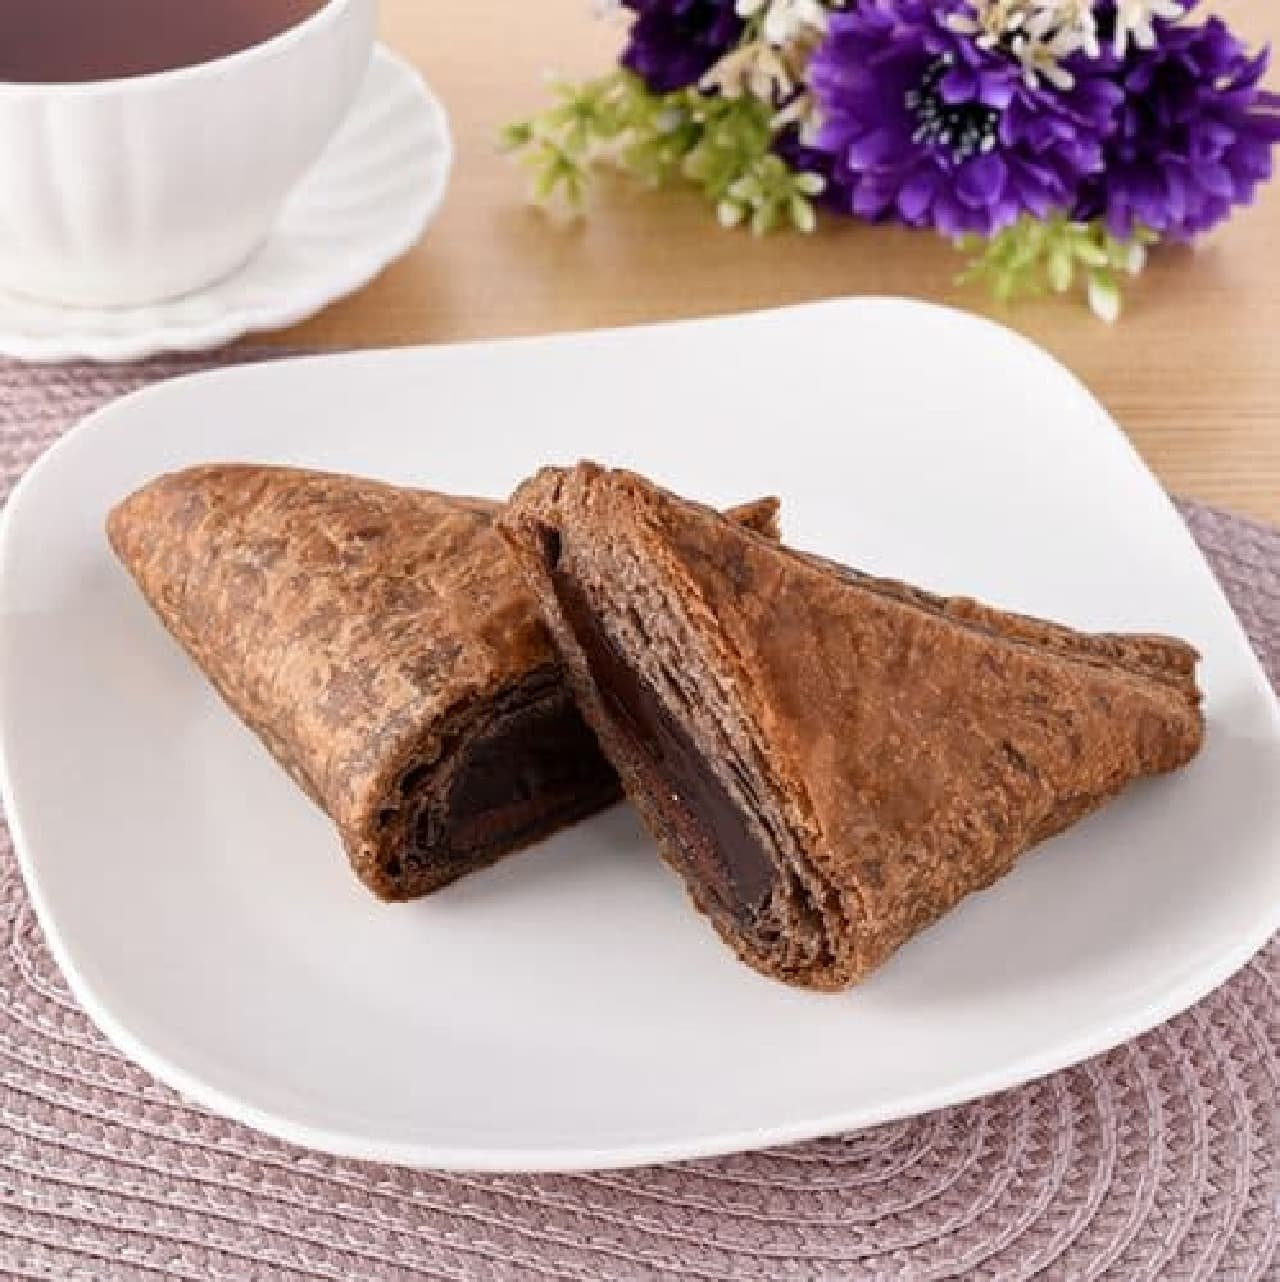 ファミリーマート「とろーりチョコの三角チョコパイ」